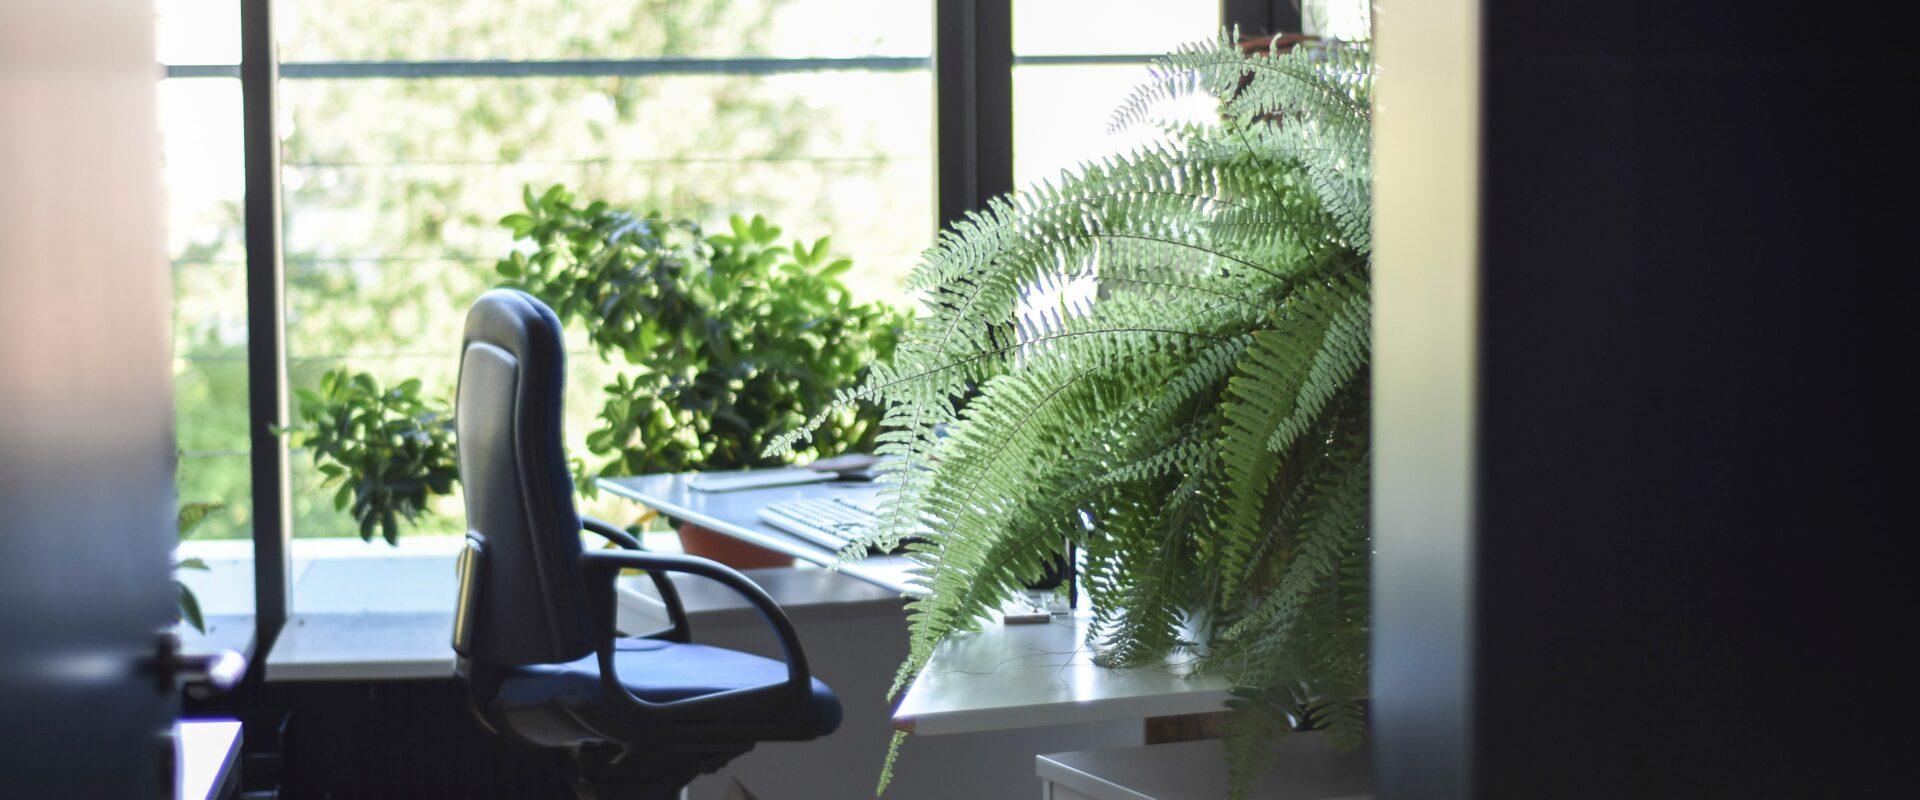 Werkplek kantoor met varen